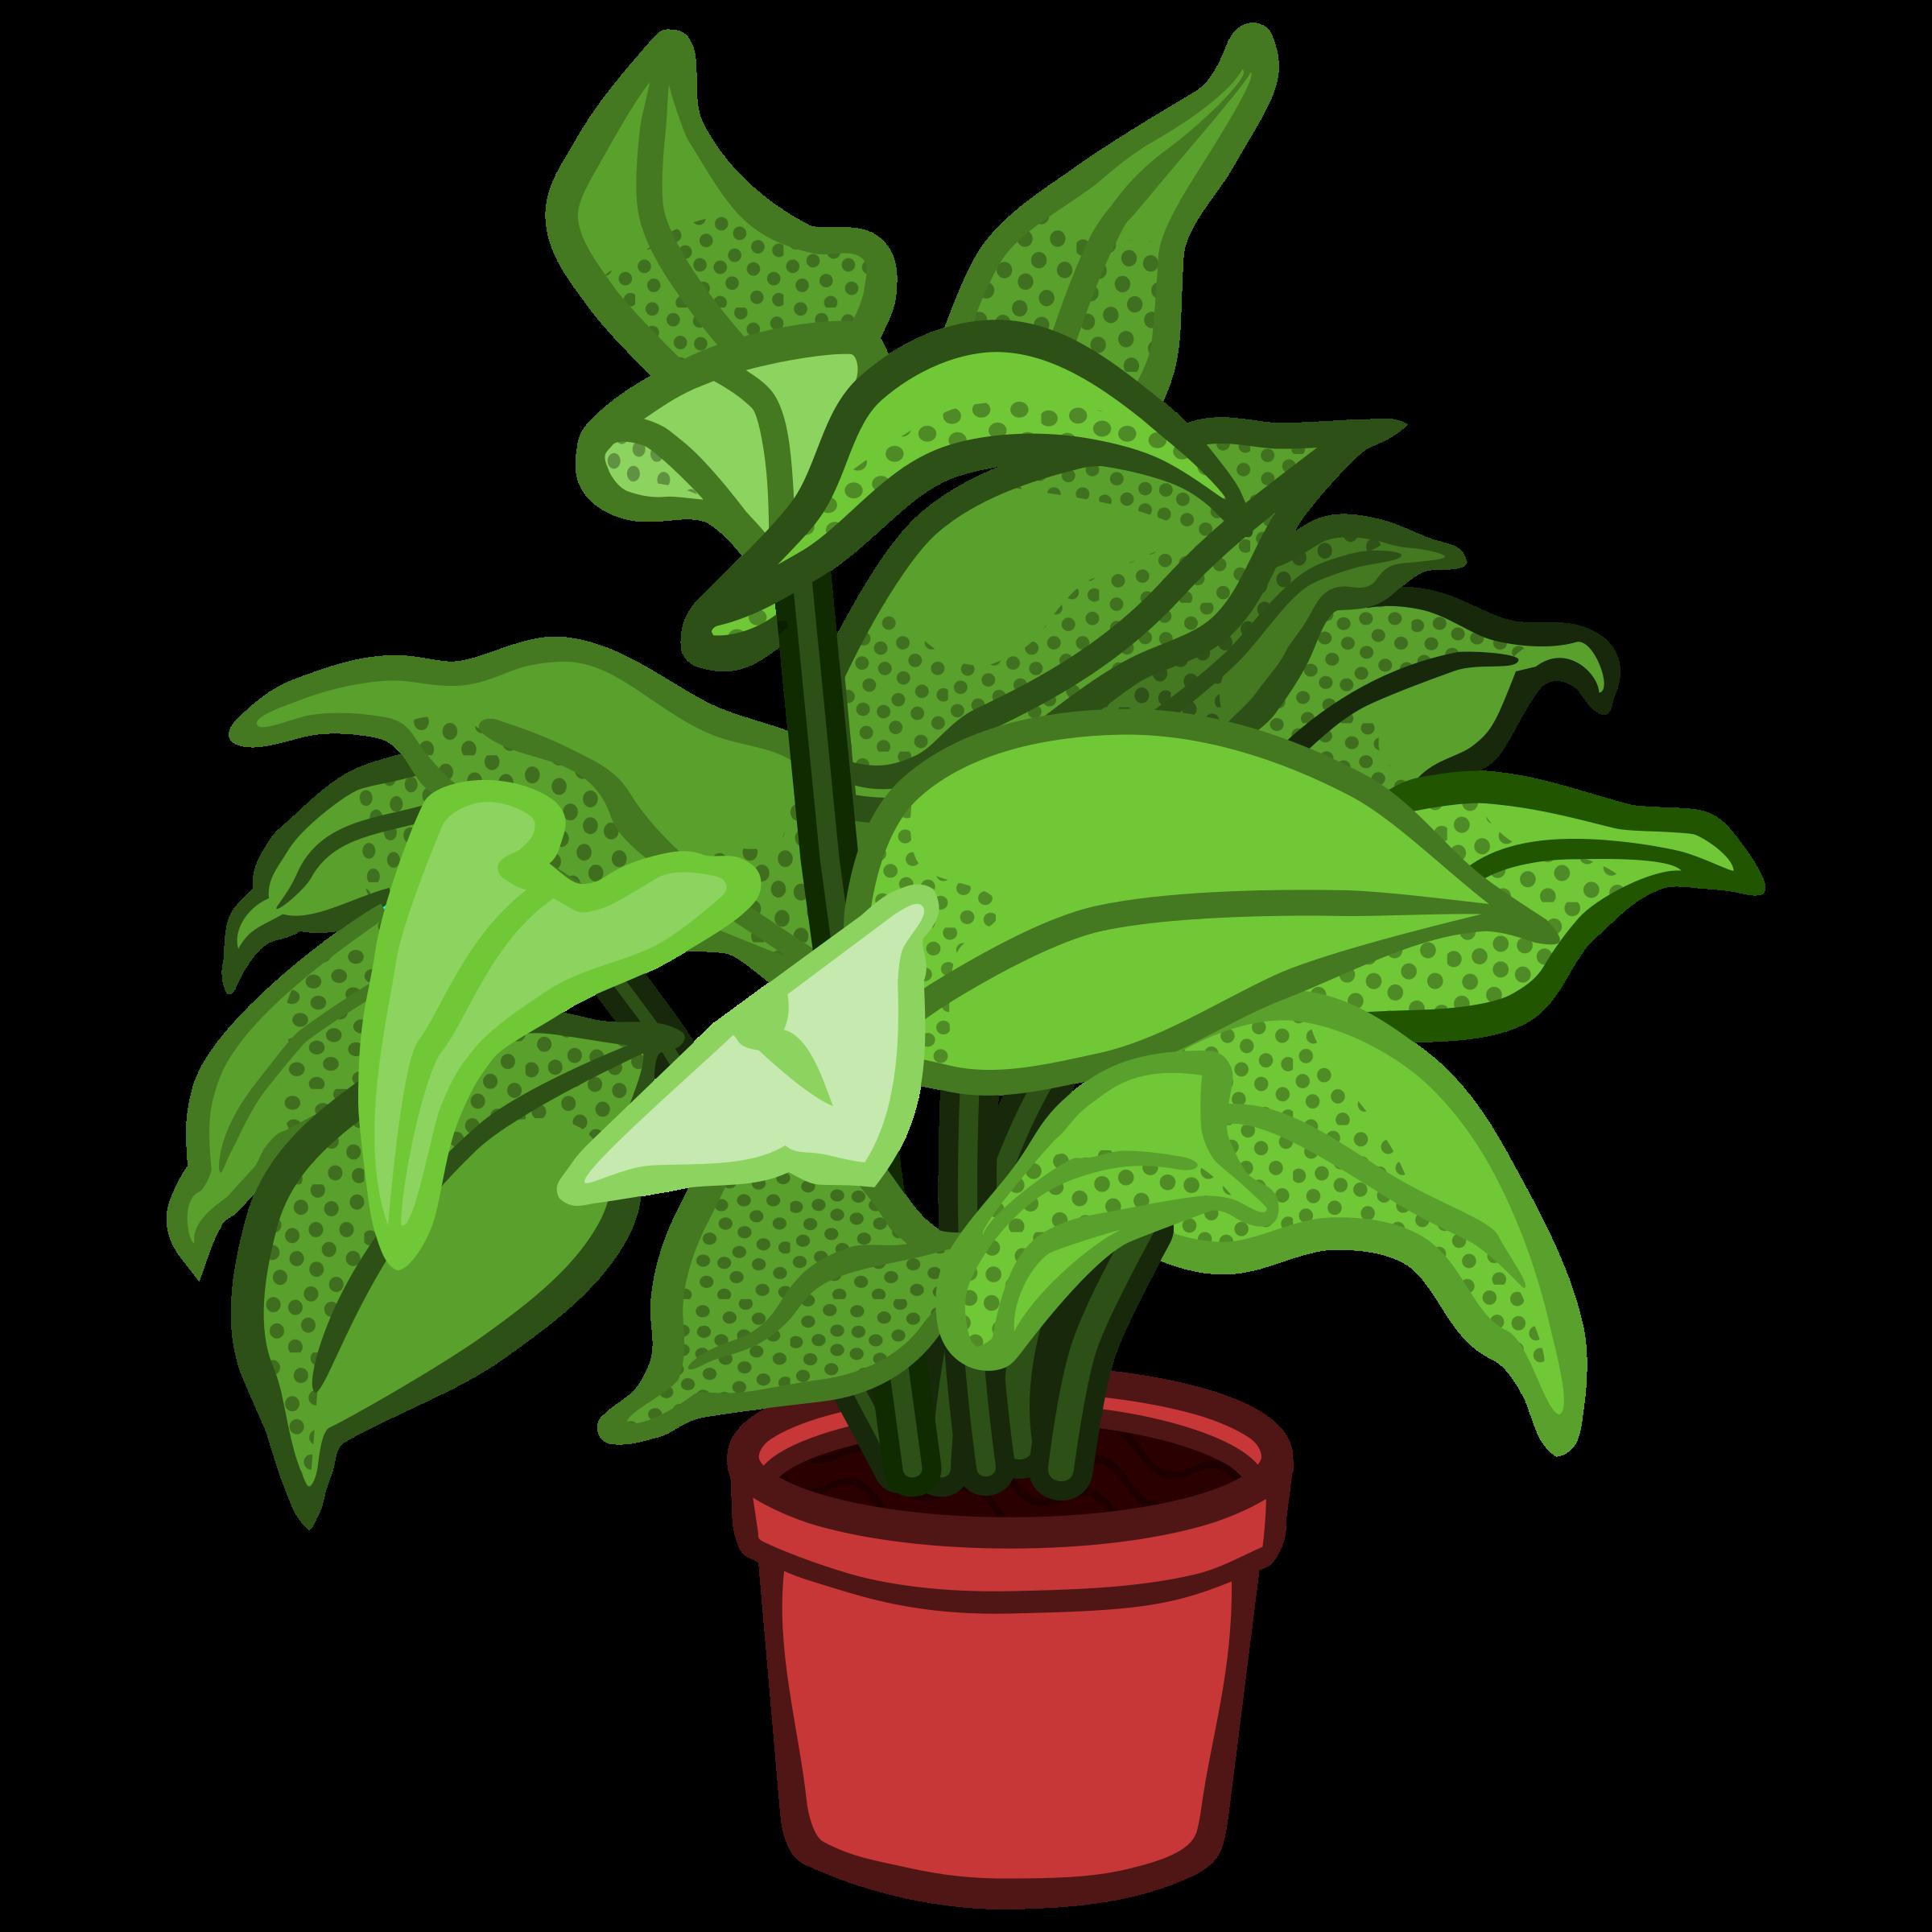 Pot plant clipart 2 » Clipart Station.